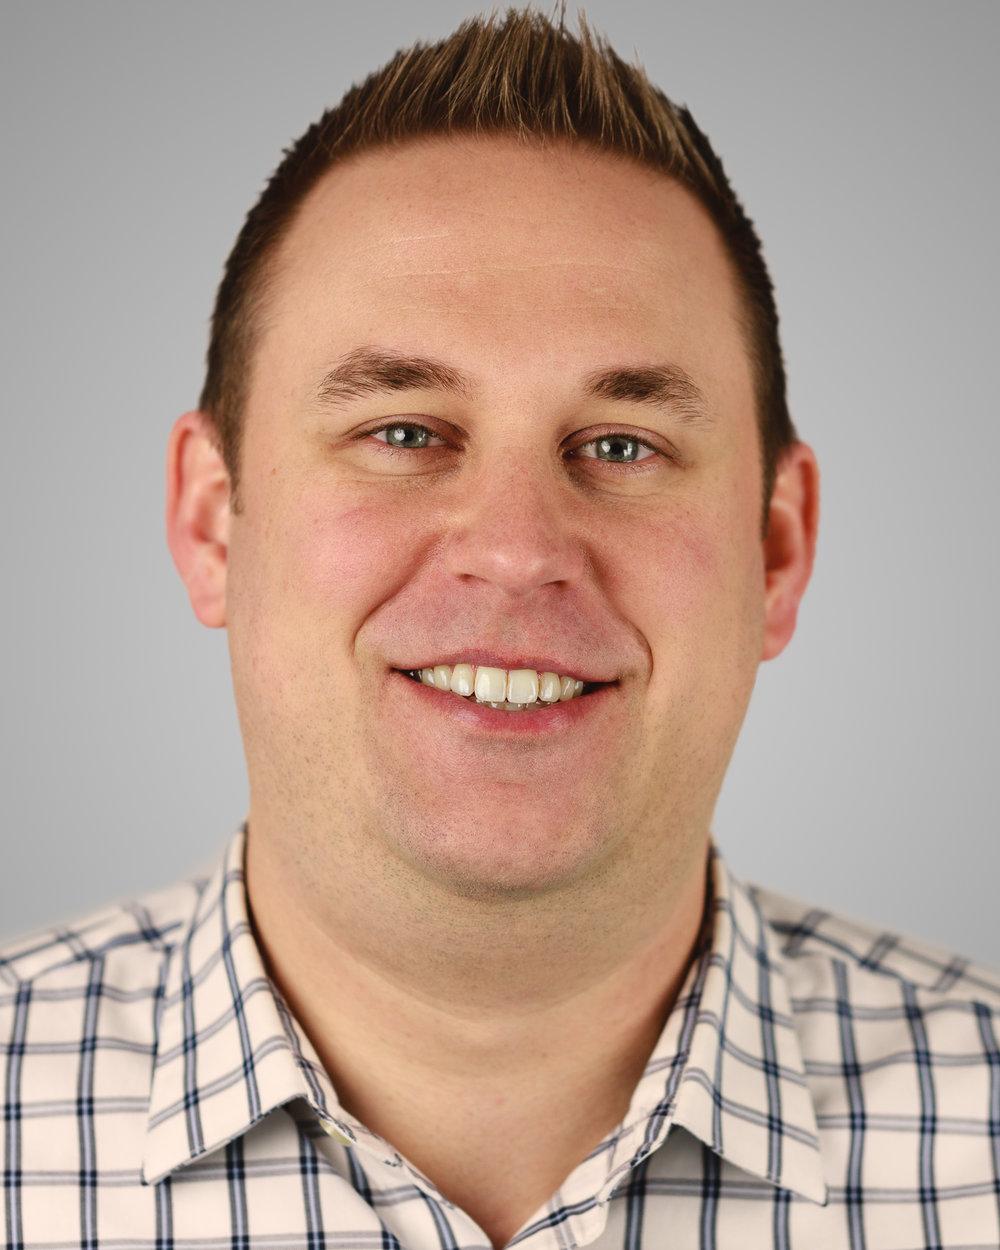 Jake Wilk - Chief Marketing Officer